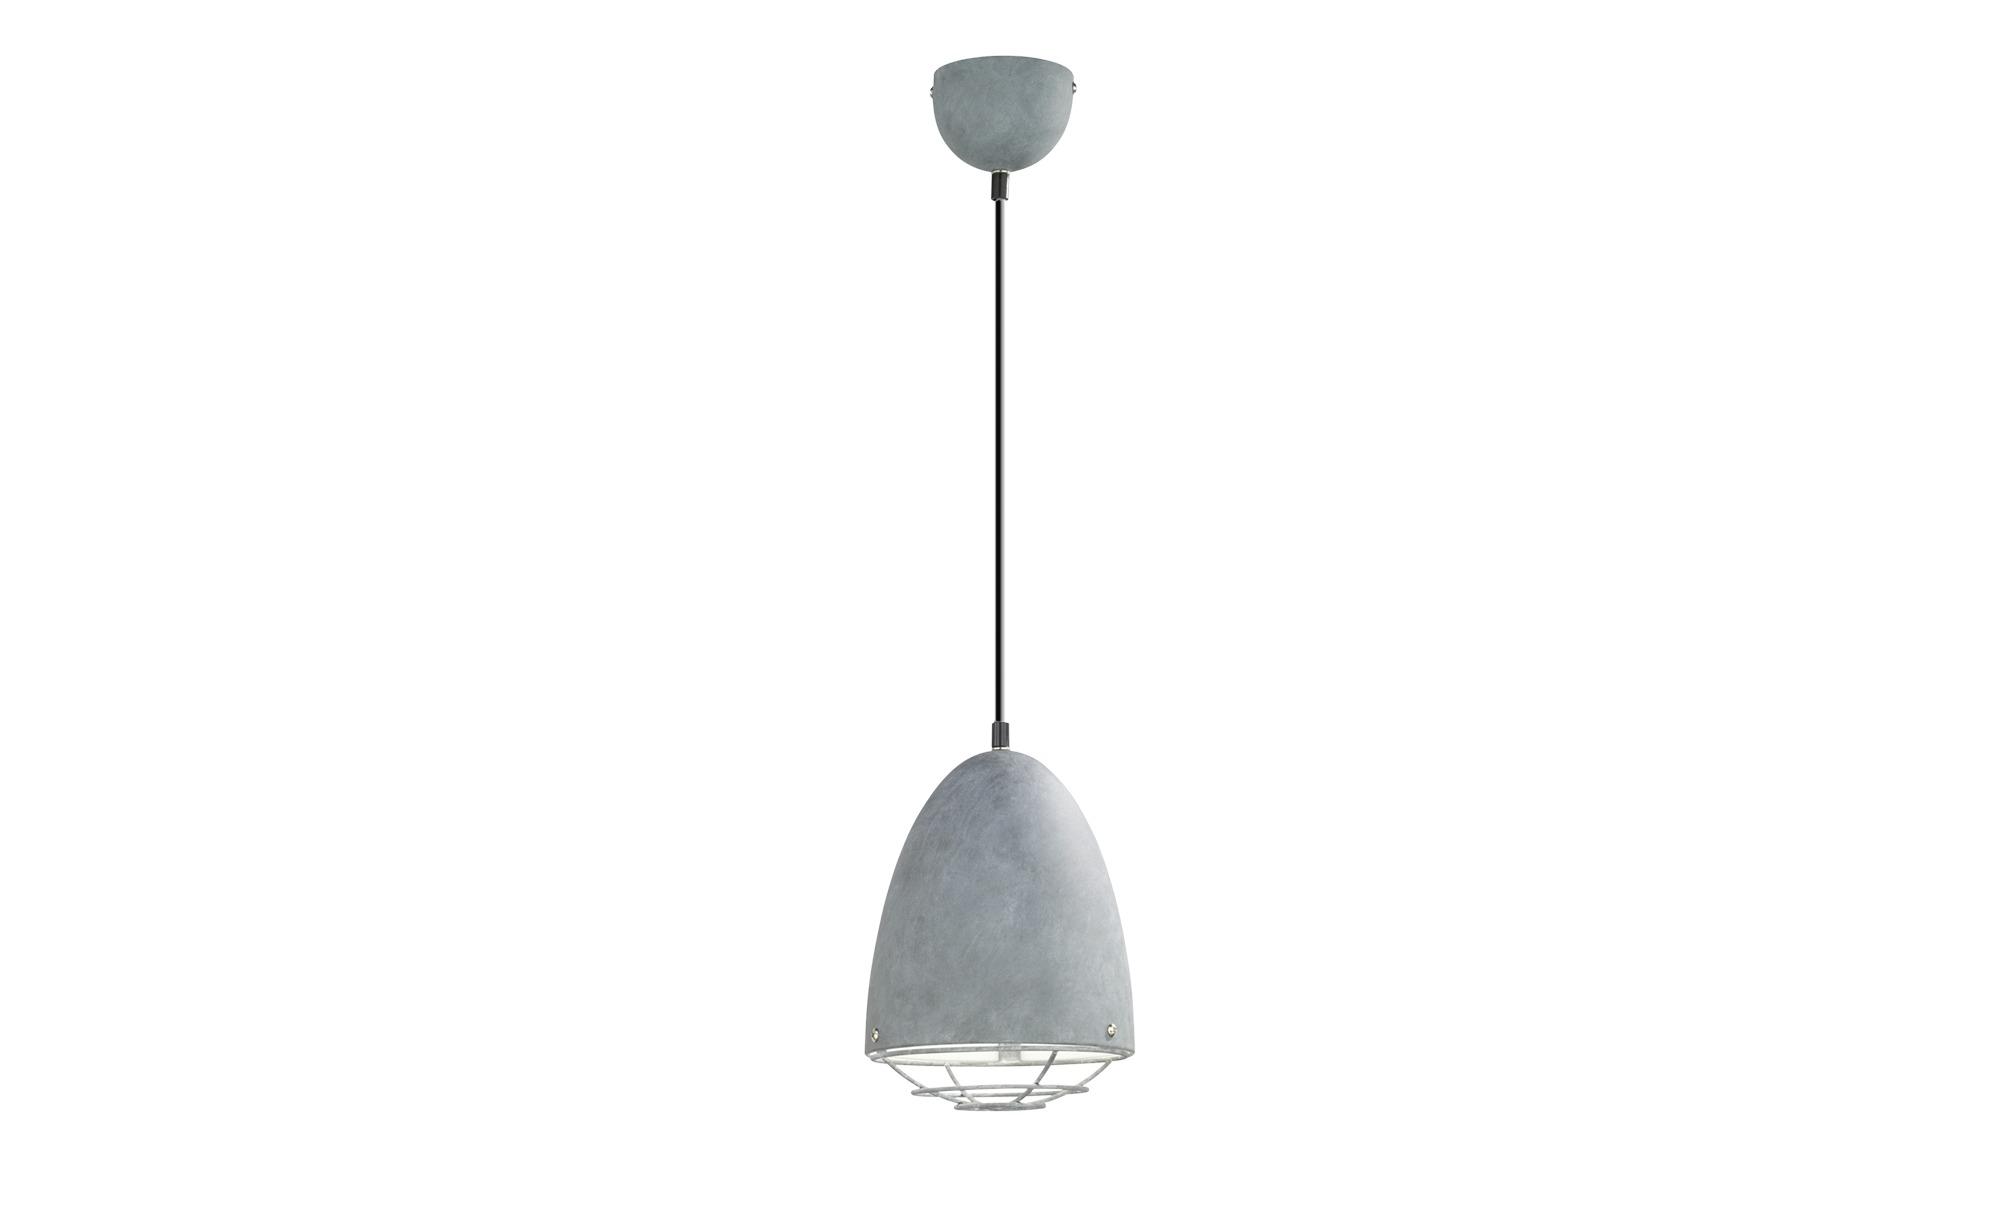 Hängeleuchte 1-flammig ¦ grau ¦ Maße (cm): H: 150 Ø: [19.0] Lampen & Leuchten > Innenleuchten > Pendelleuchten - Höffner